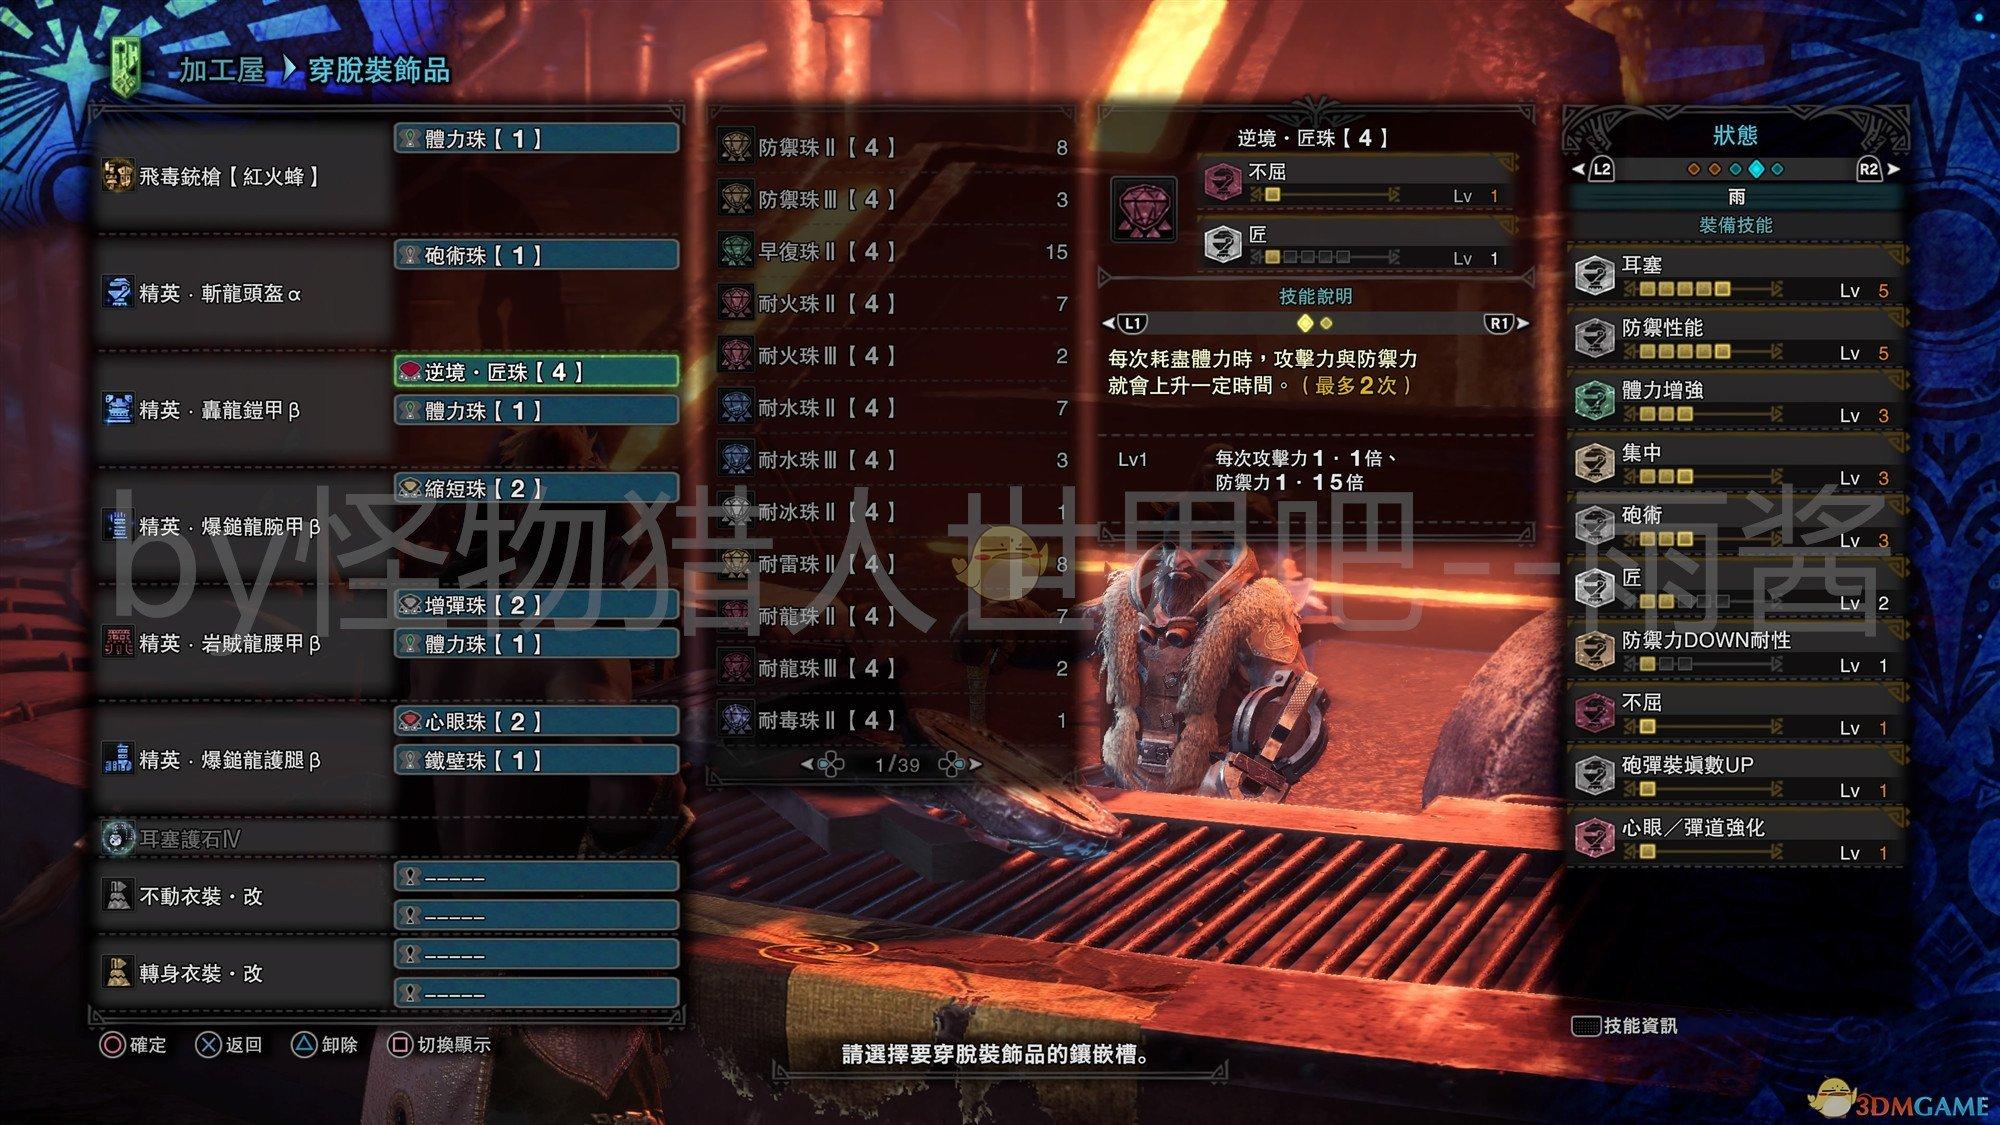 《怪物猎人:世界》冰原DLC铳枪武器开荒装备搭配推荐